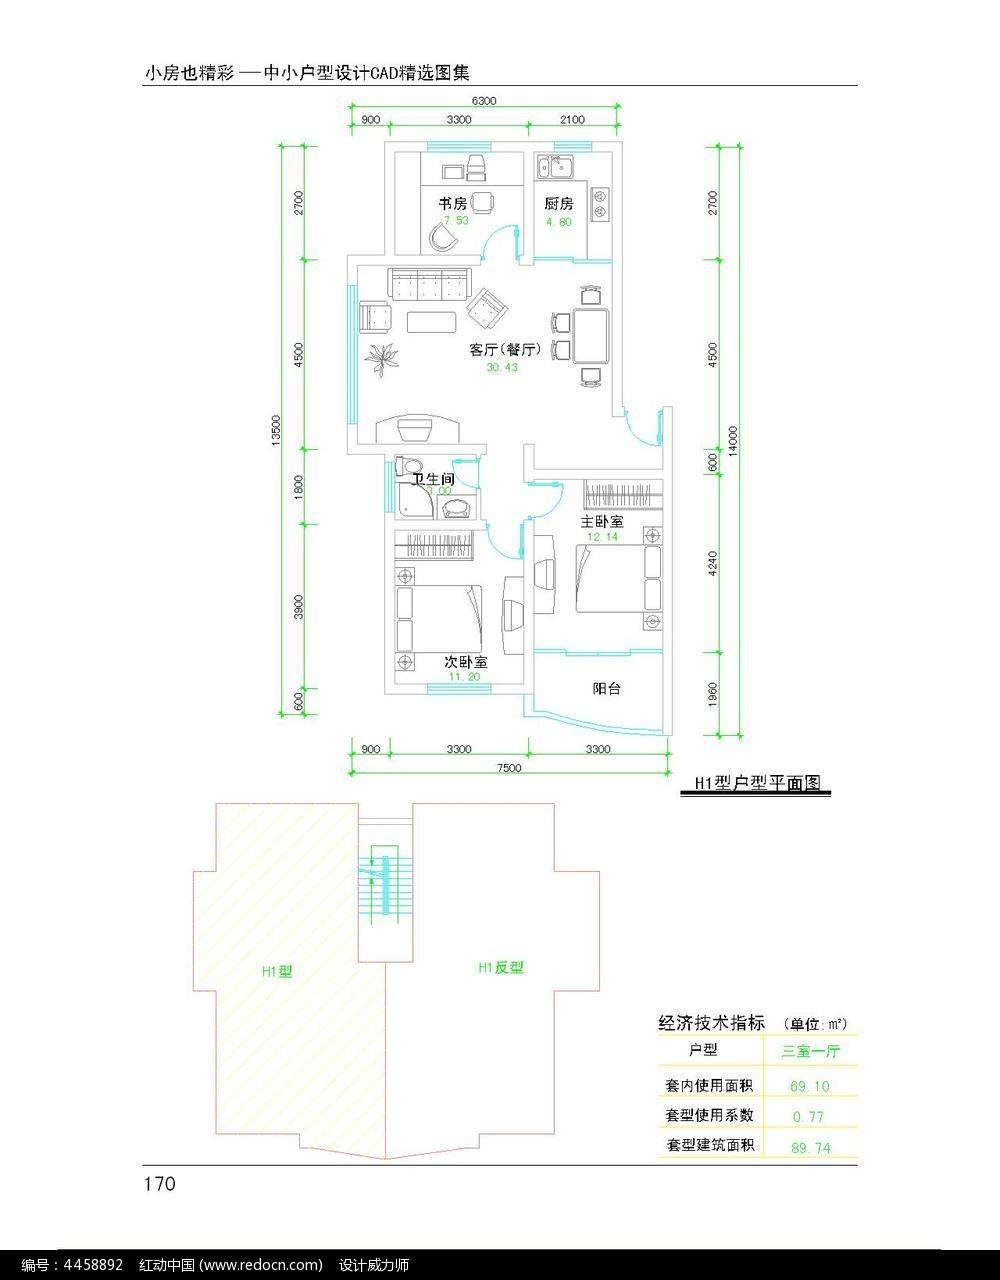 标签:三室一厅户型cad平面图纸 cad平面图 cad施工图 cad图纸设计-